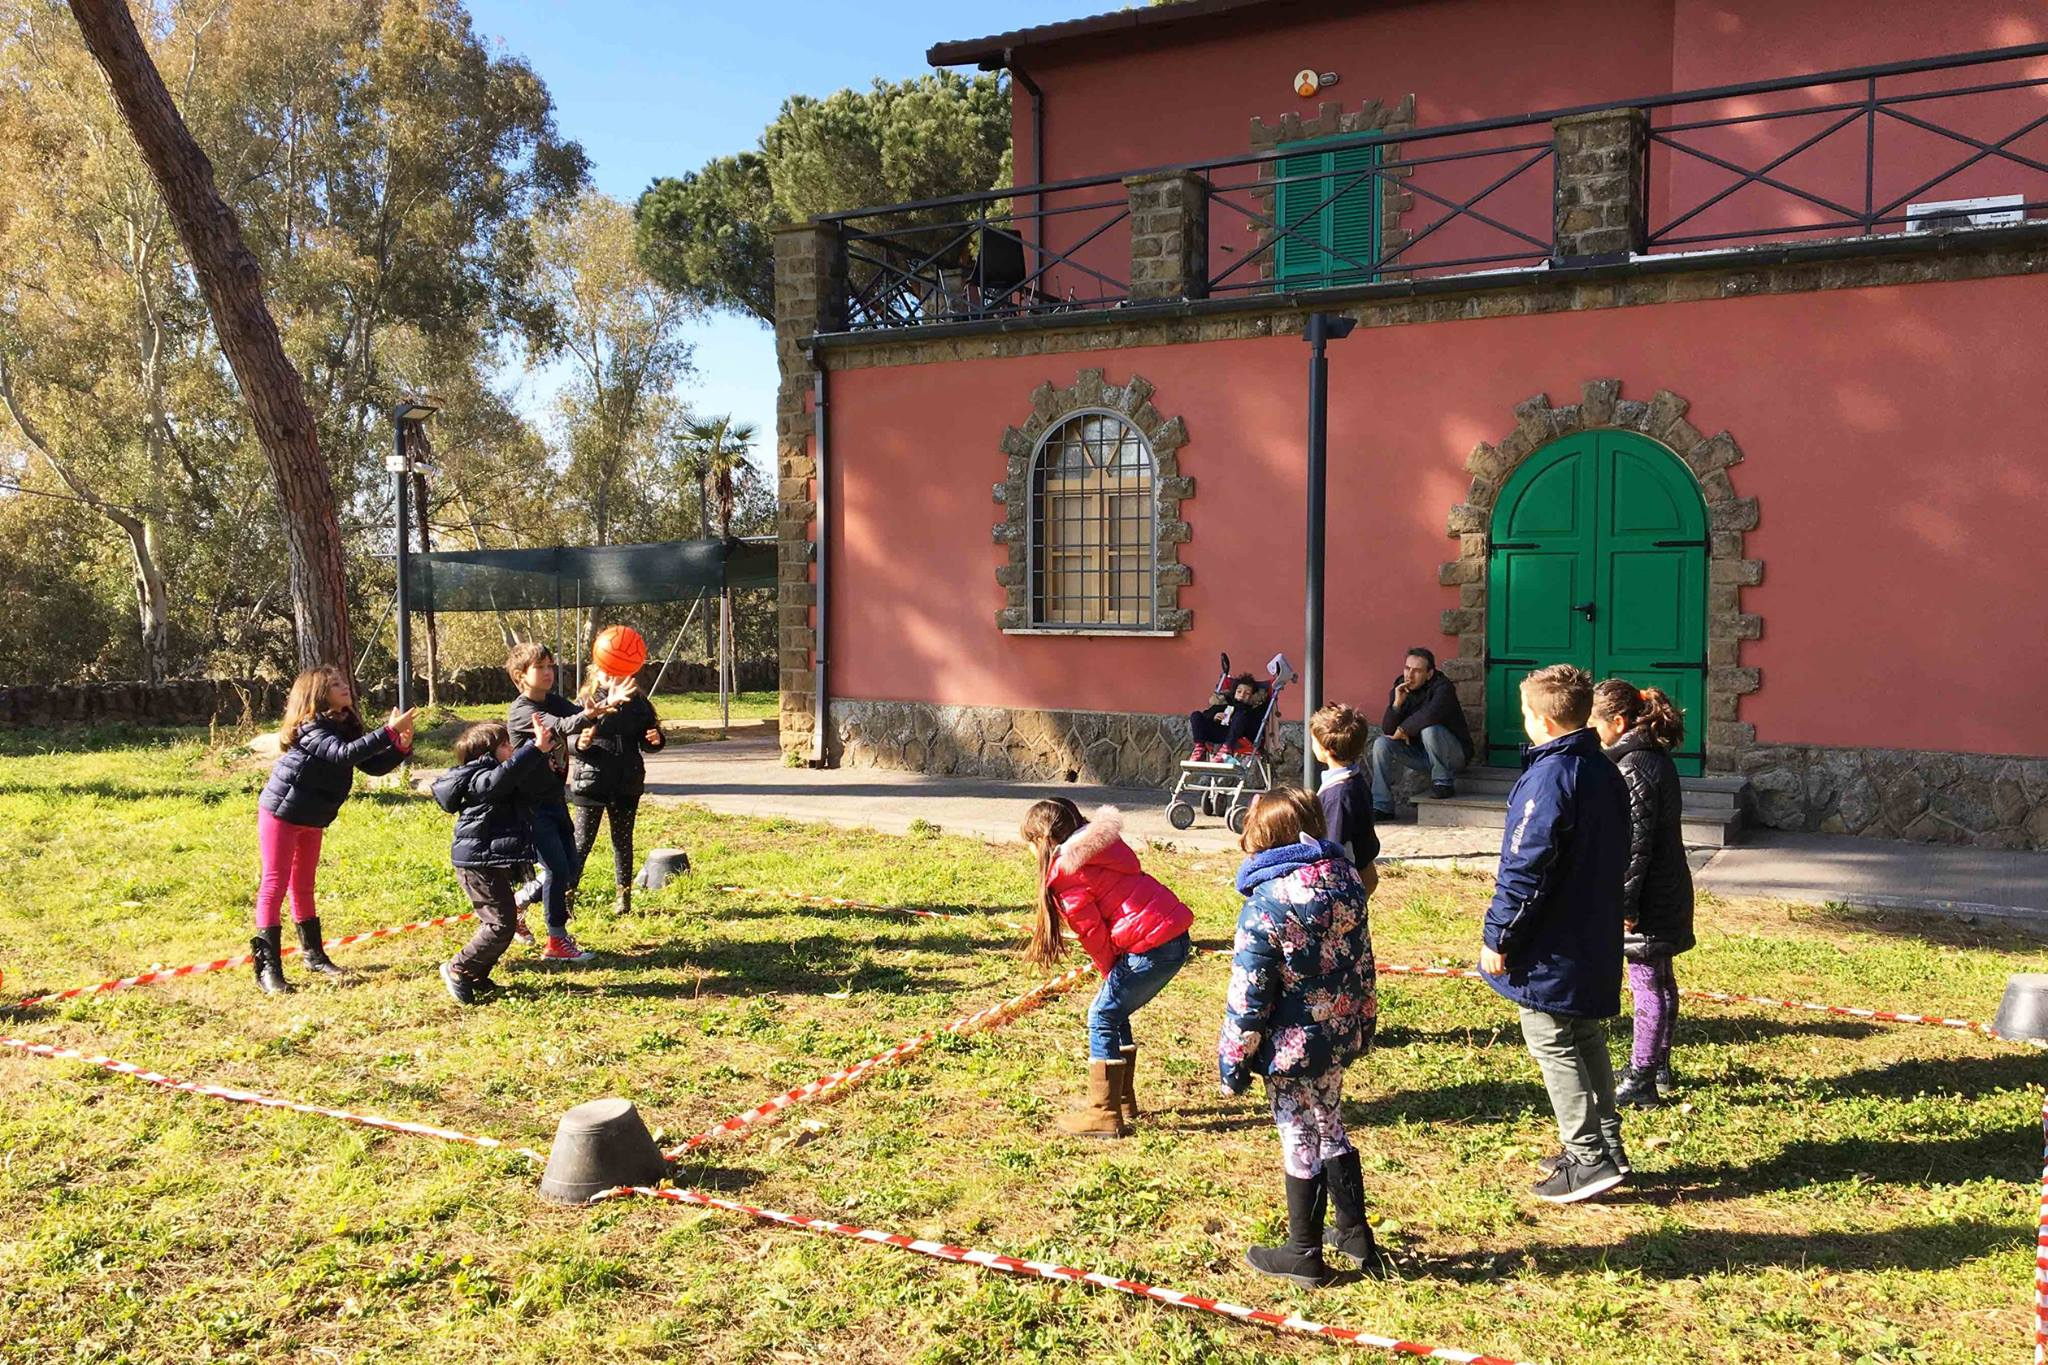 """Laboratorio didattico """"Giochiamo con gli antichi romani"""" 20-01-2017 - Laboratori  e attività didattiche per bambini"""